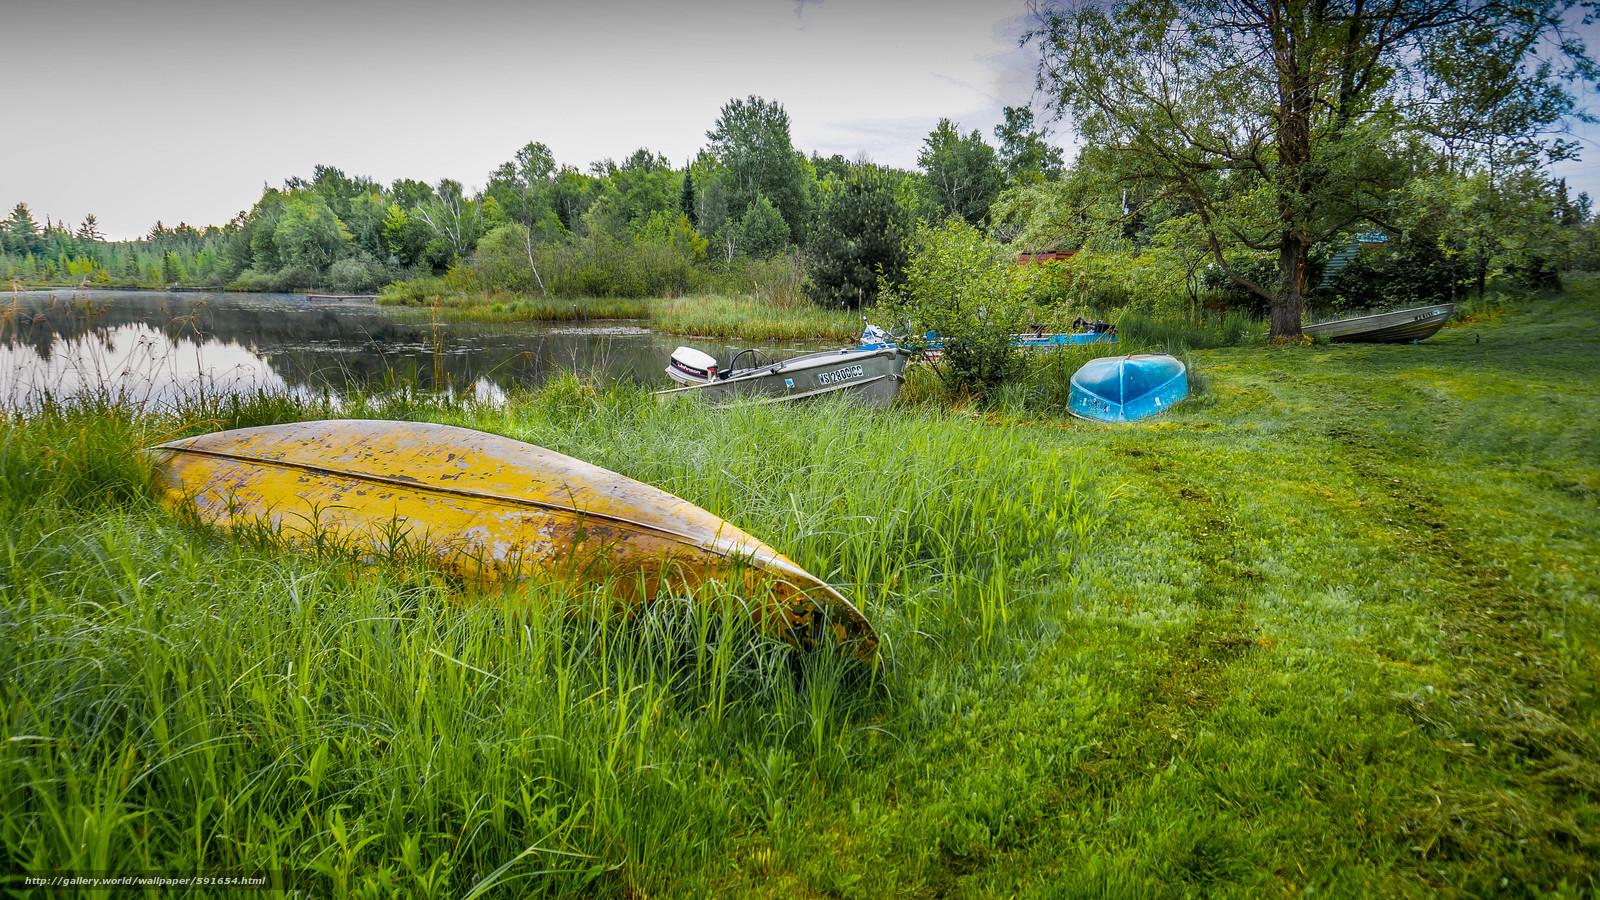 Скачать обои озеро,  берег,  лодки,  пейзаж бесплатно для рабочего стола в разрешении 4912x2763 — картинка №591654